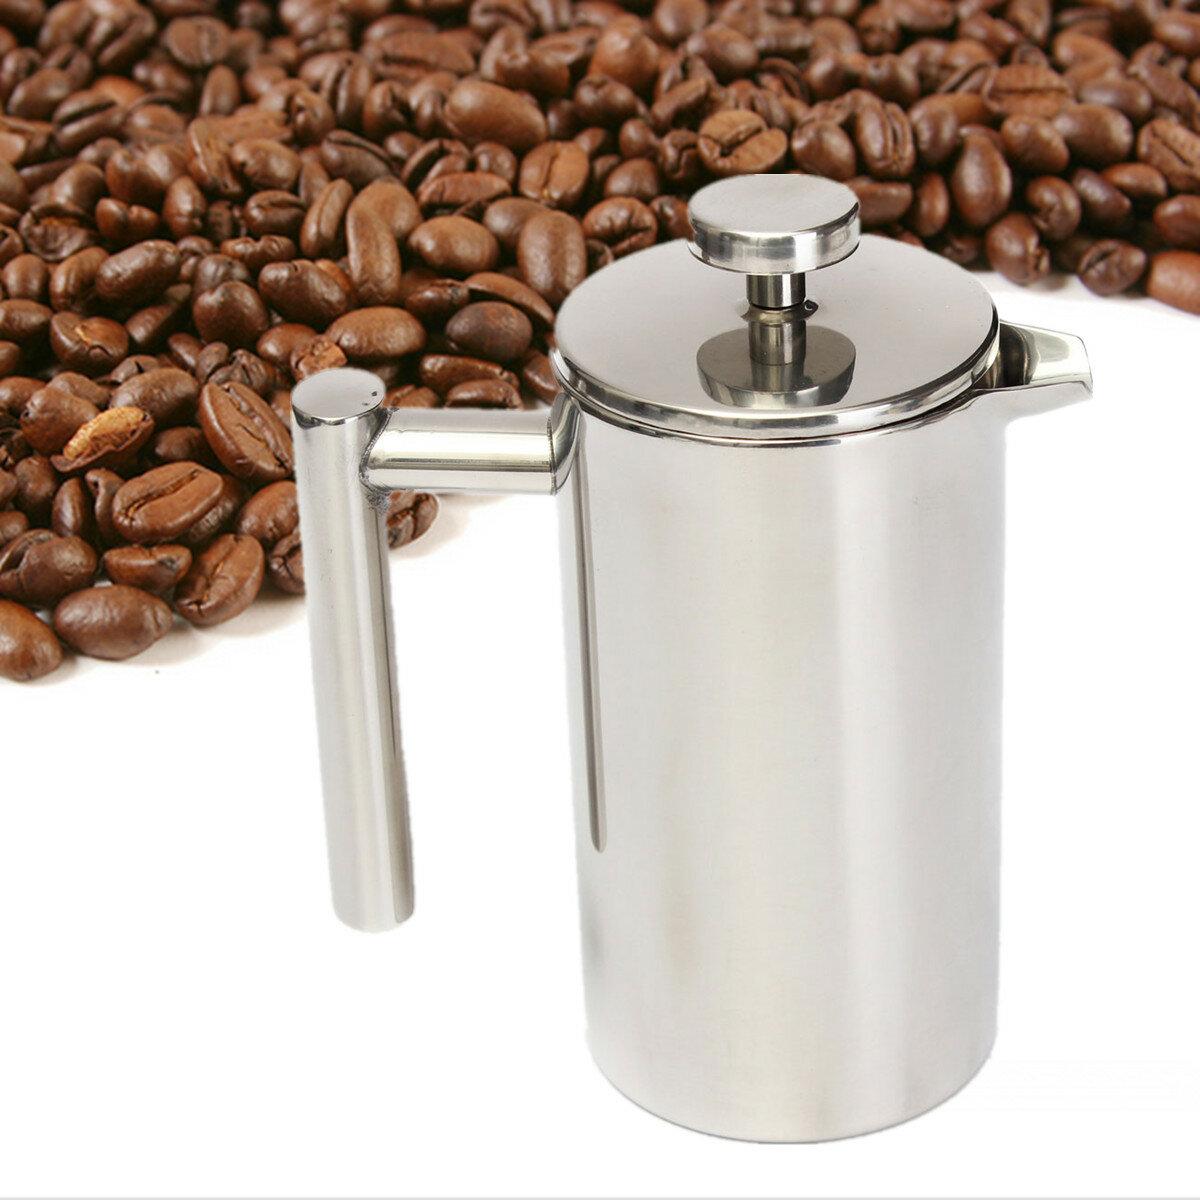 Filtre à café en acier inoxydable à deux étages 800 / 1000ml Filtre Bouteille d'eau pour théière